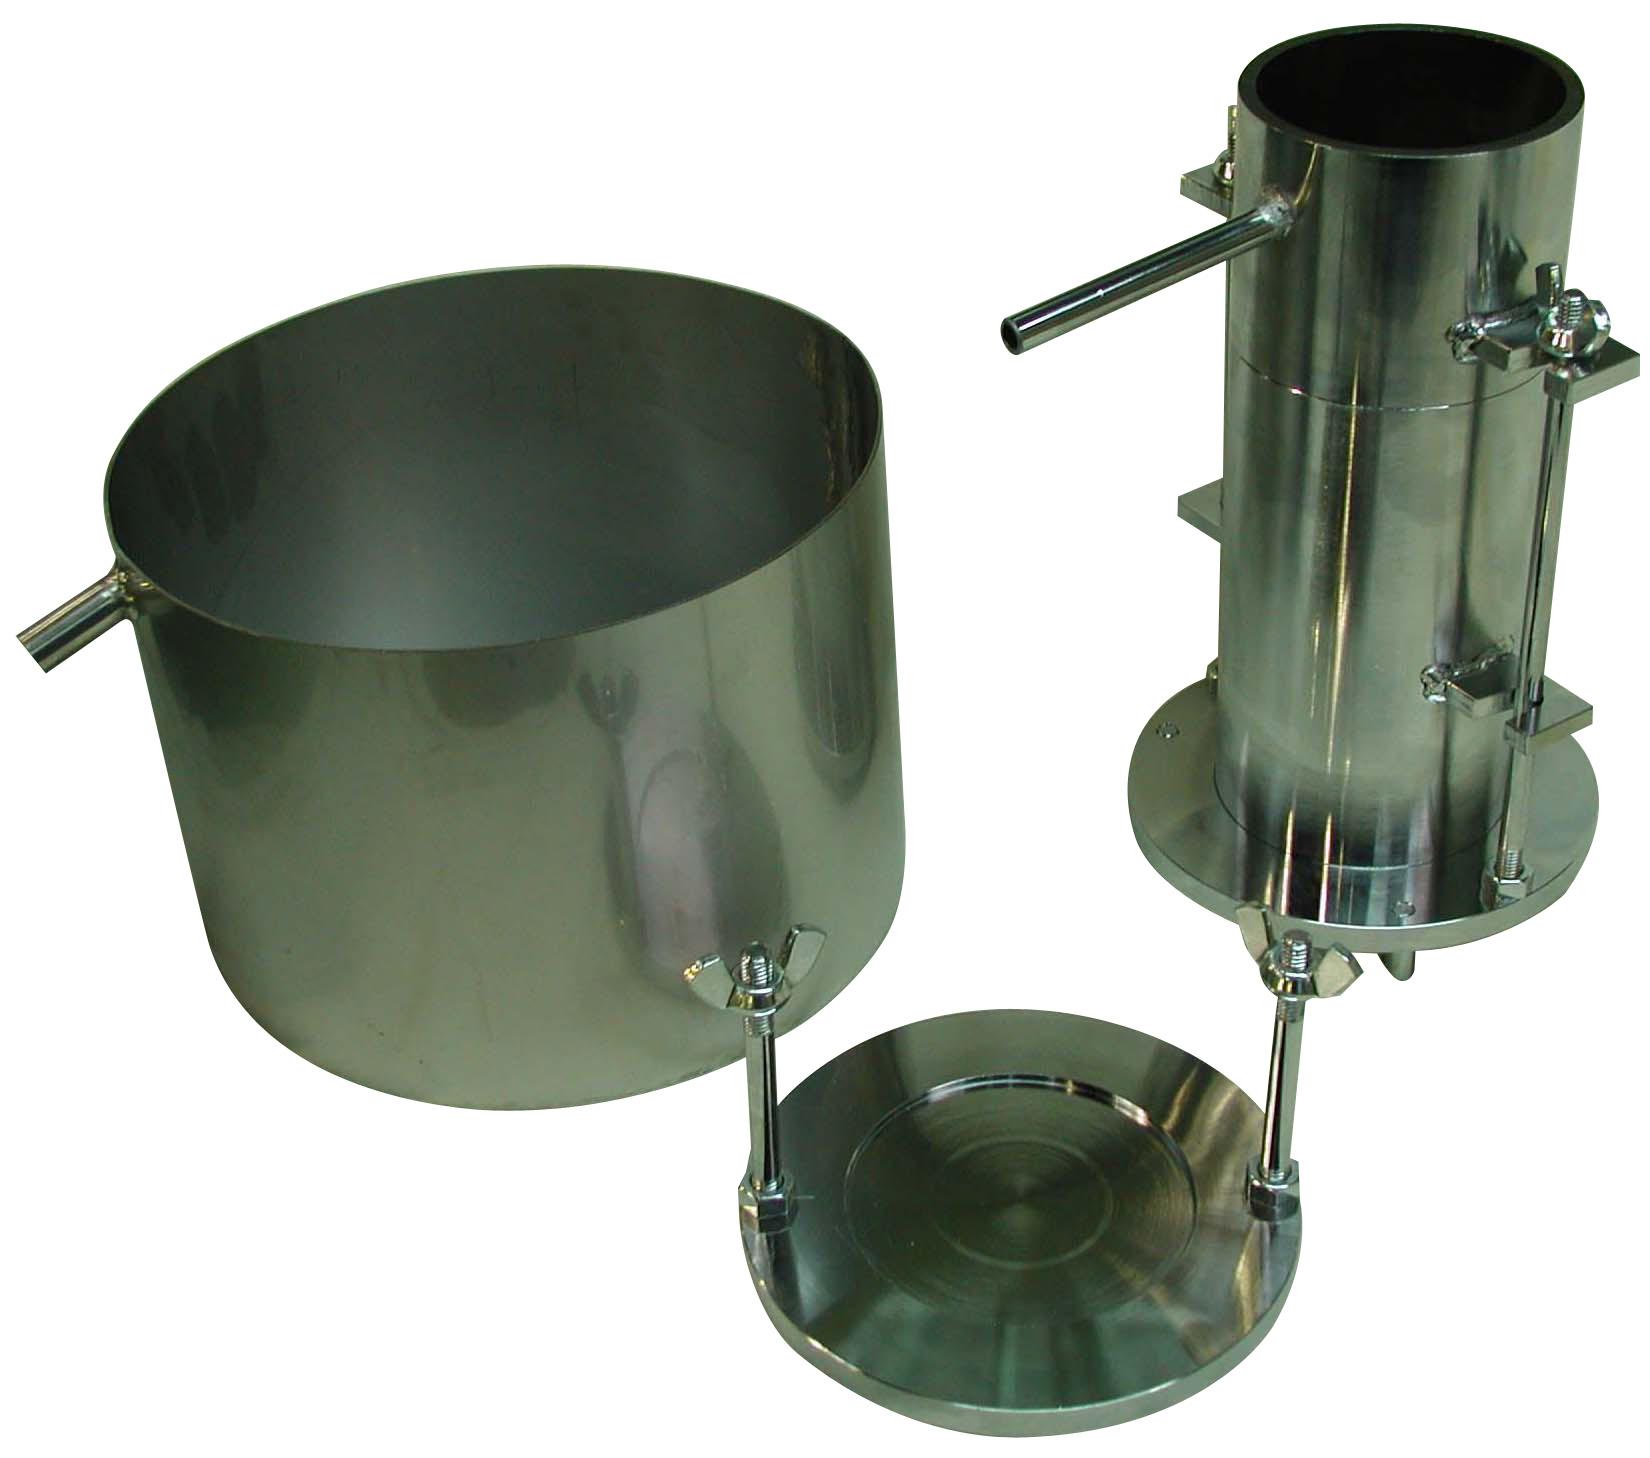 ポーラスコンクリートの透水試験装置